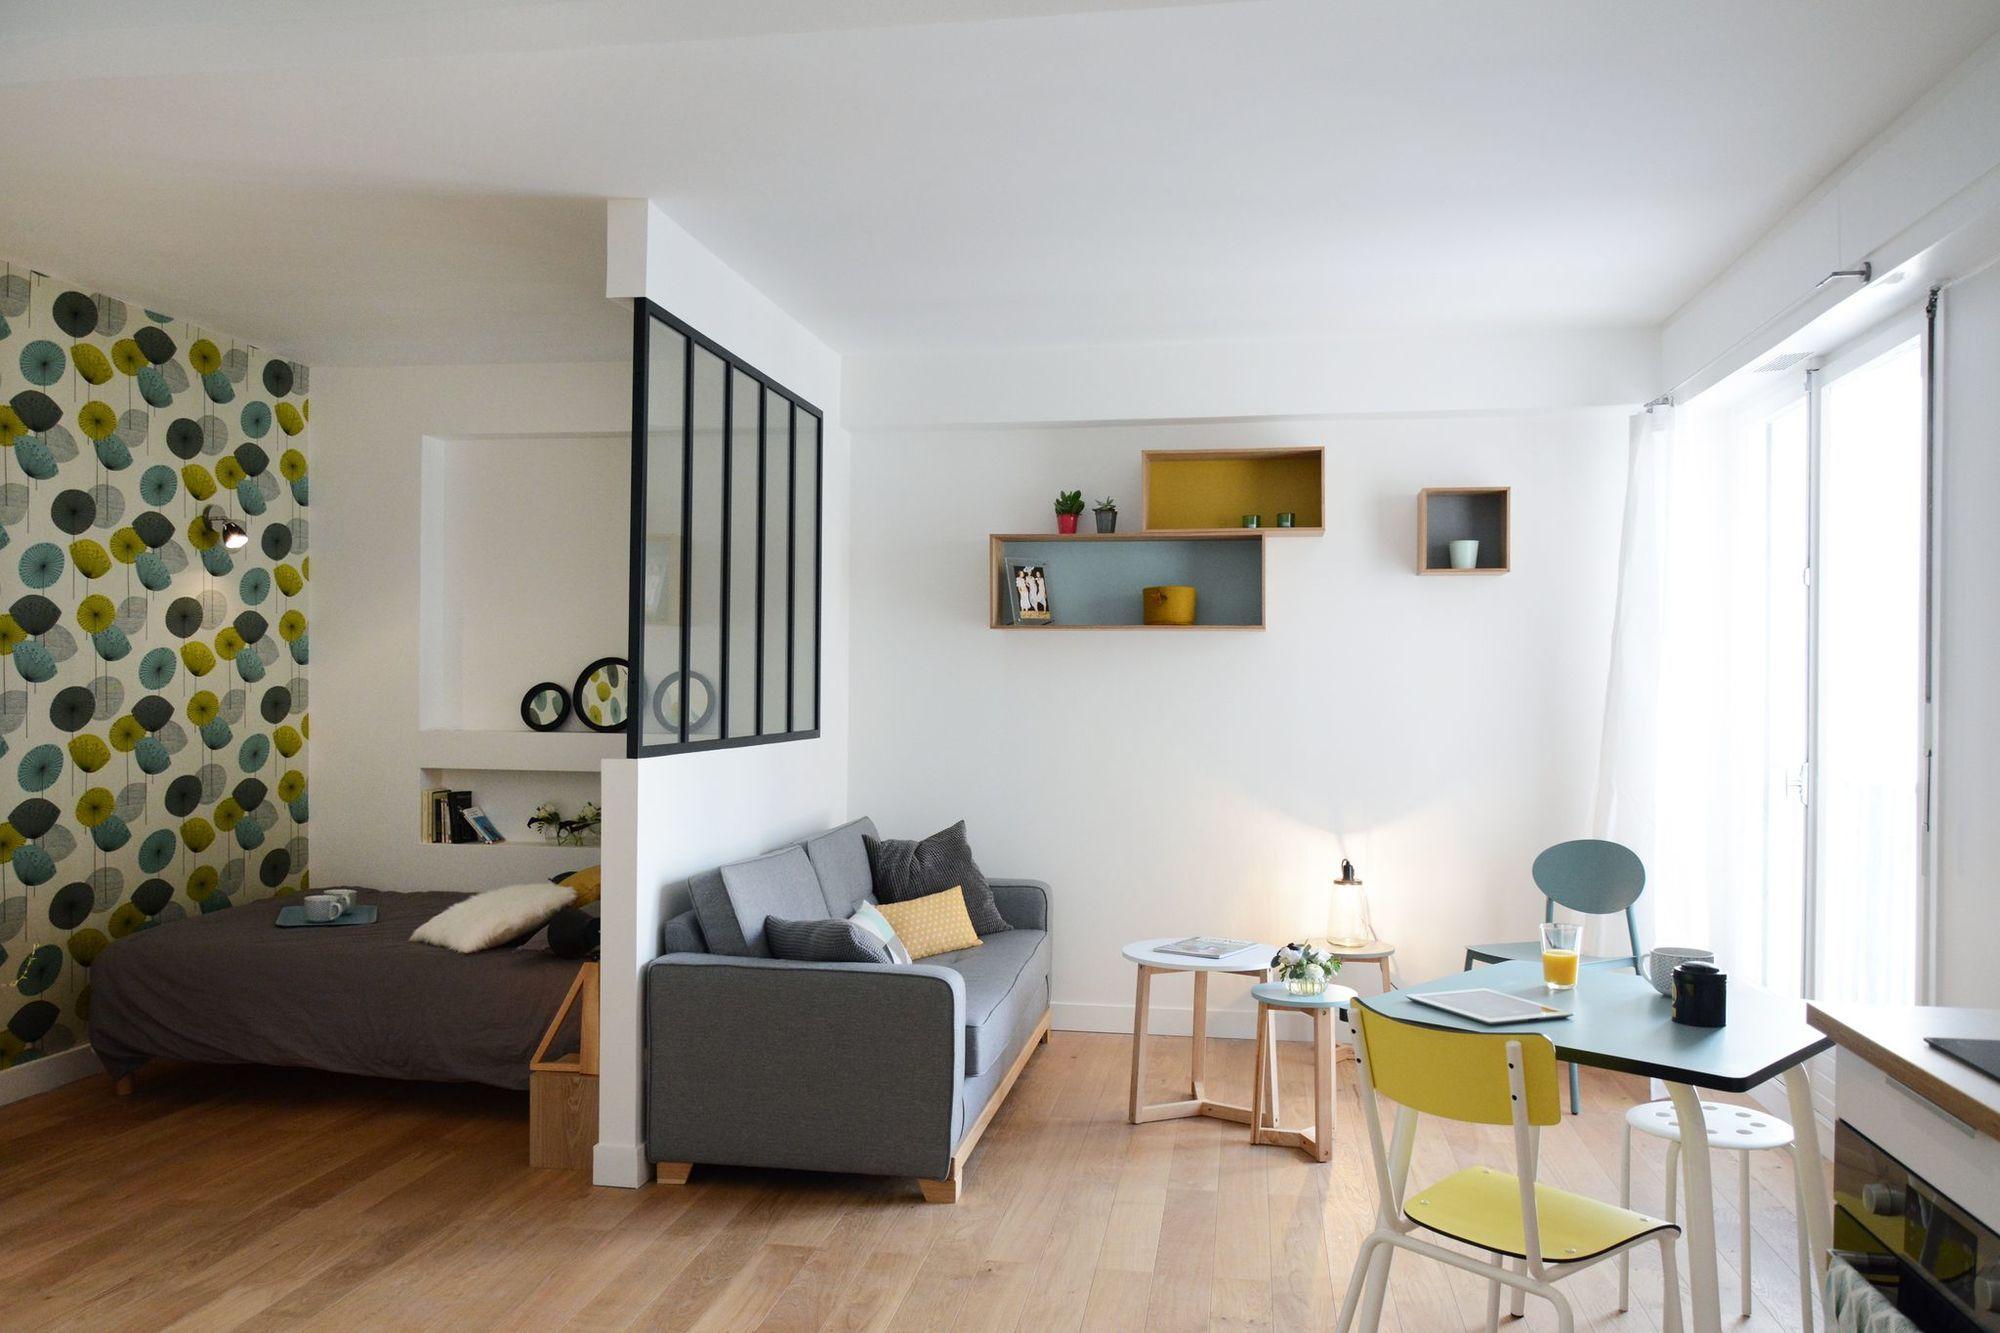 Vivre Dans Les Travaux appartement paris 10e : 33 m2 totalement optimisés   home